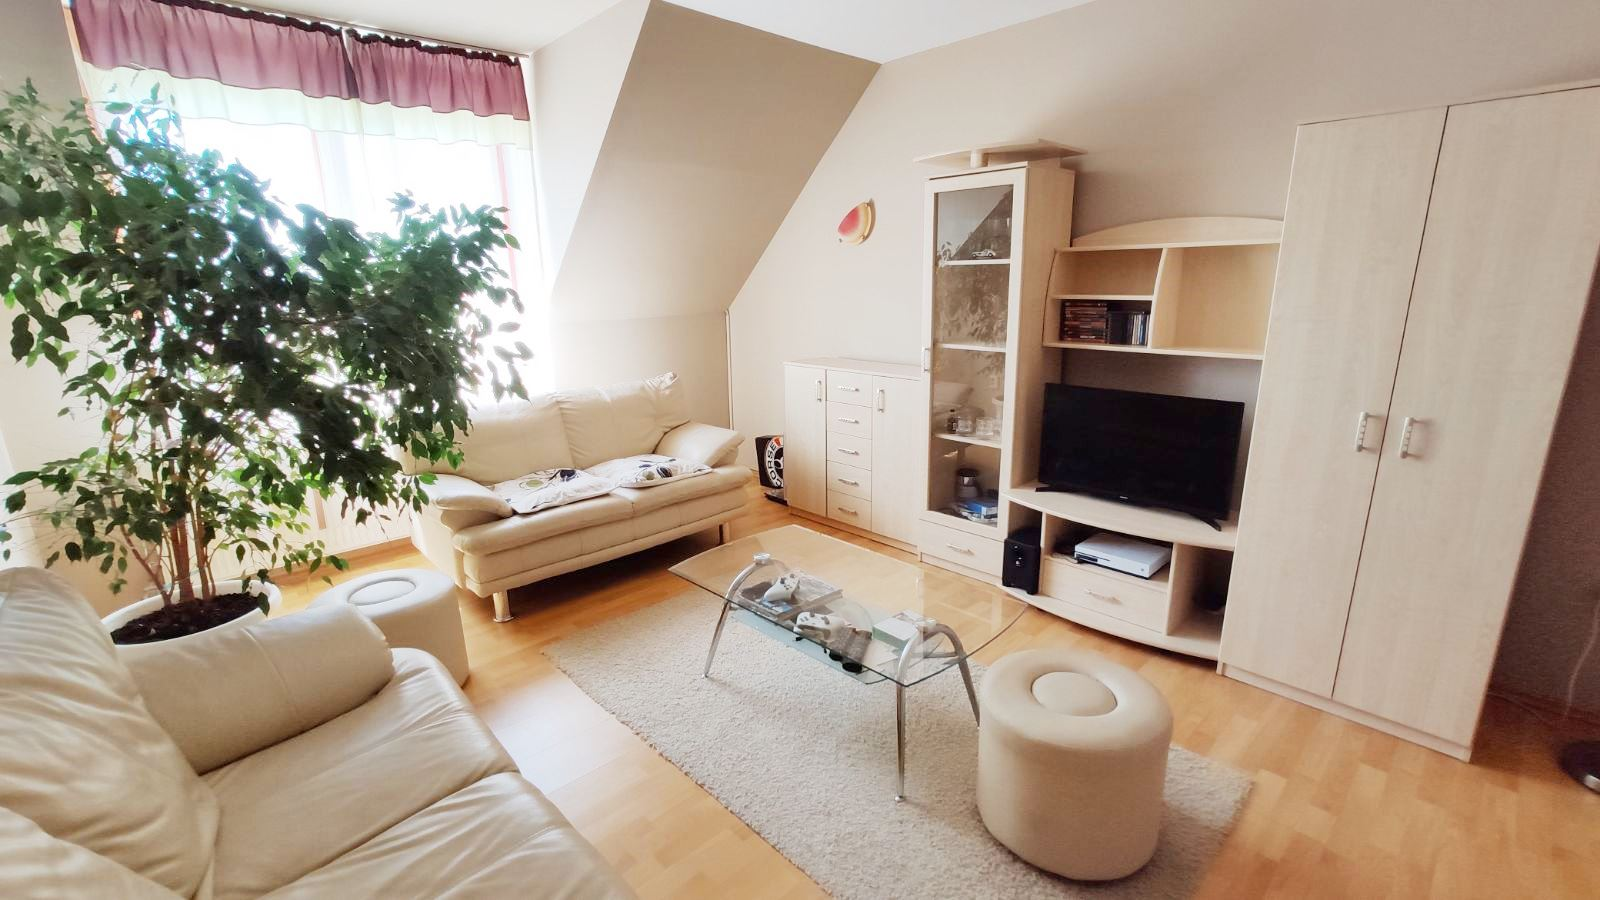 Mezőkövesden 2 szobás újszerű lakás ELADÓ.